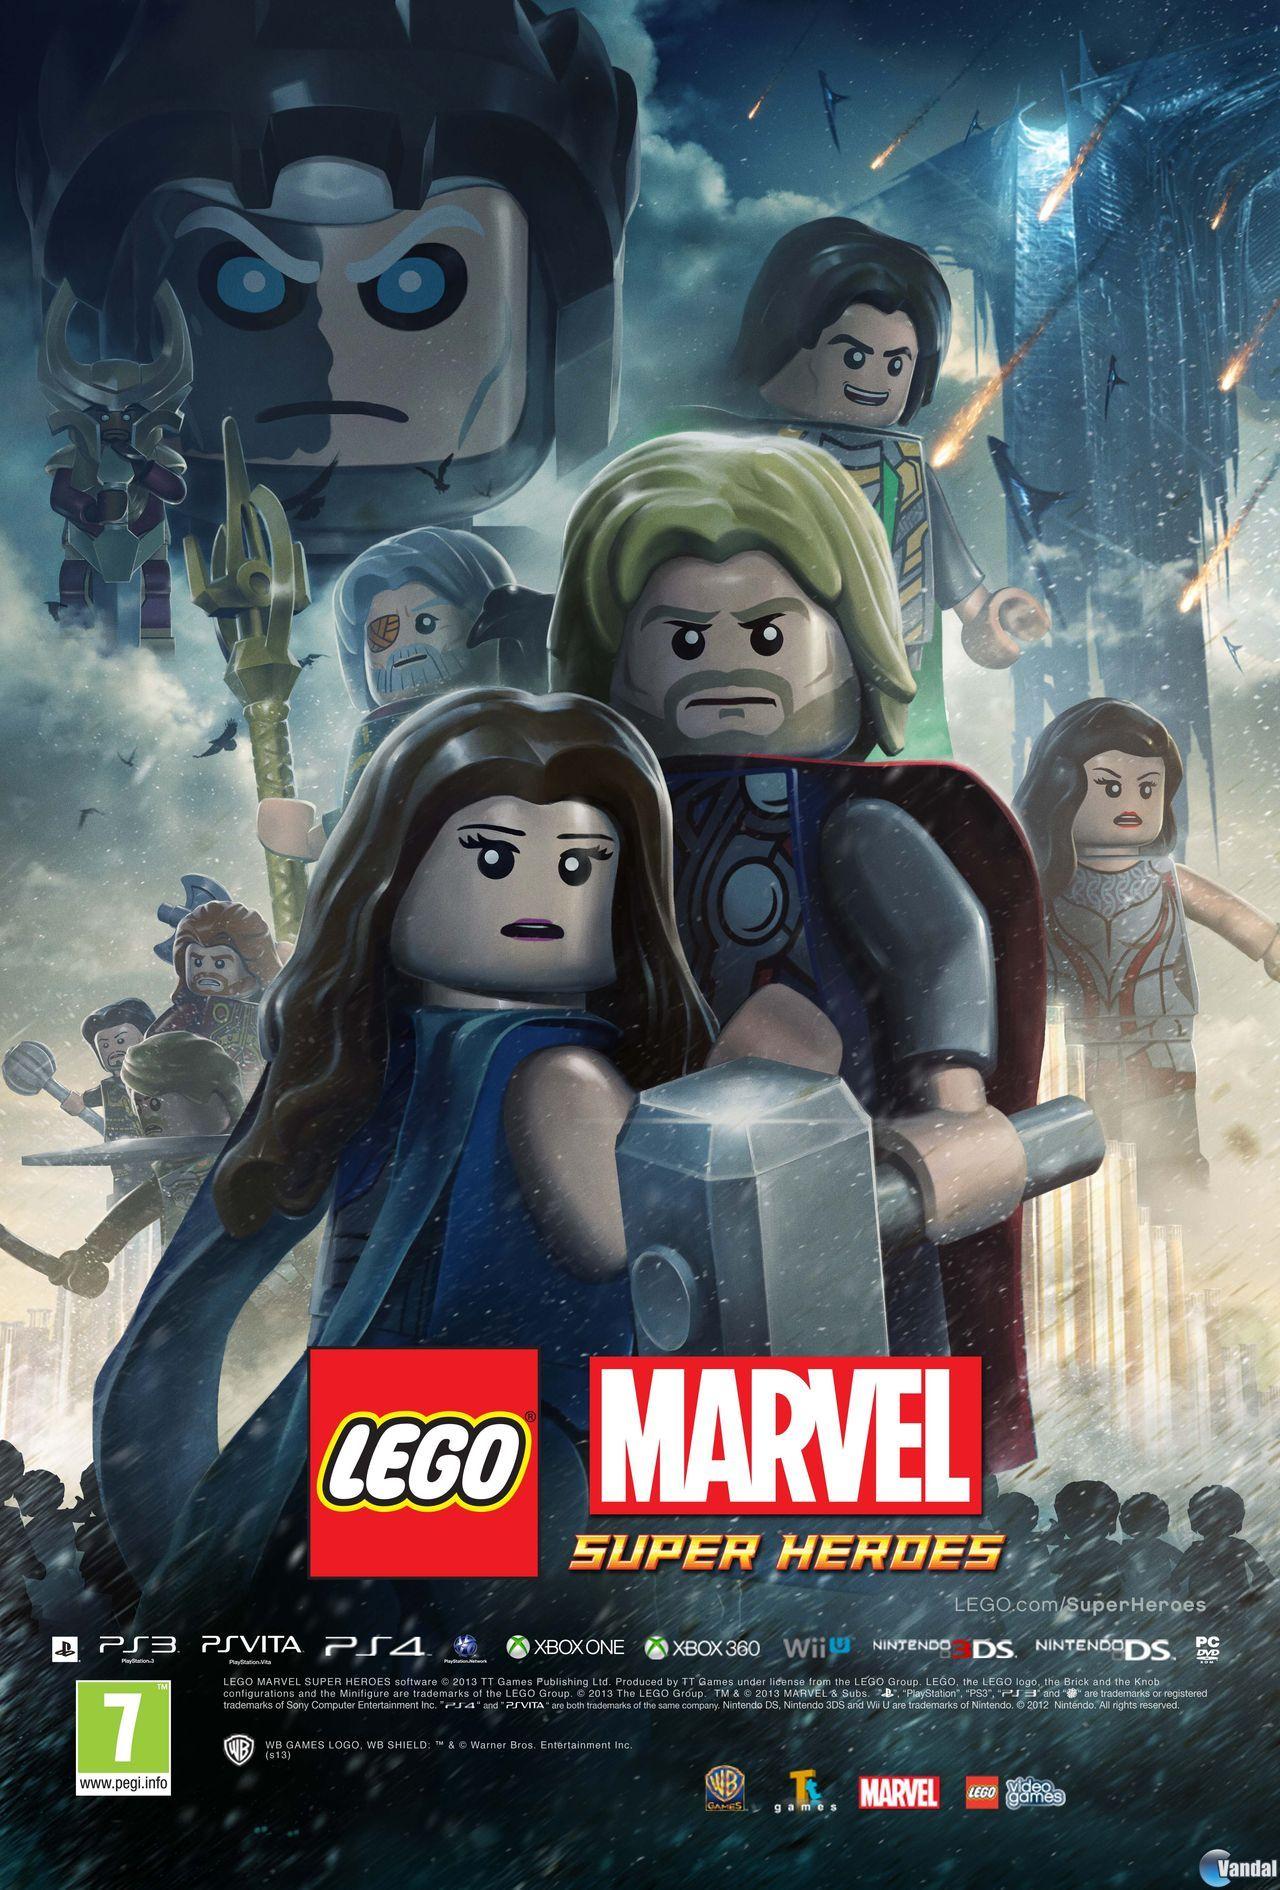 Anunciado El Primer Contenido Descargable De Lego Marvel Super